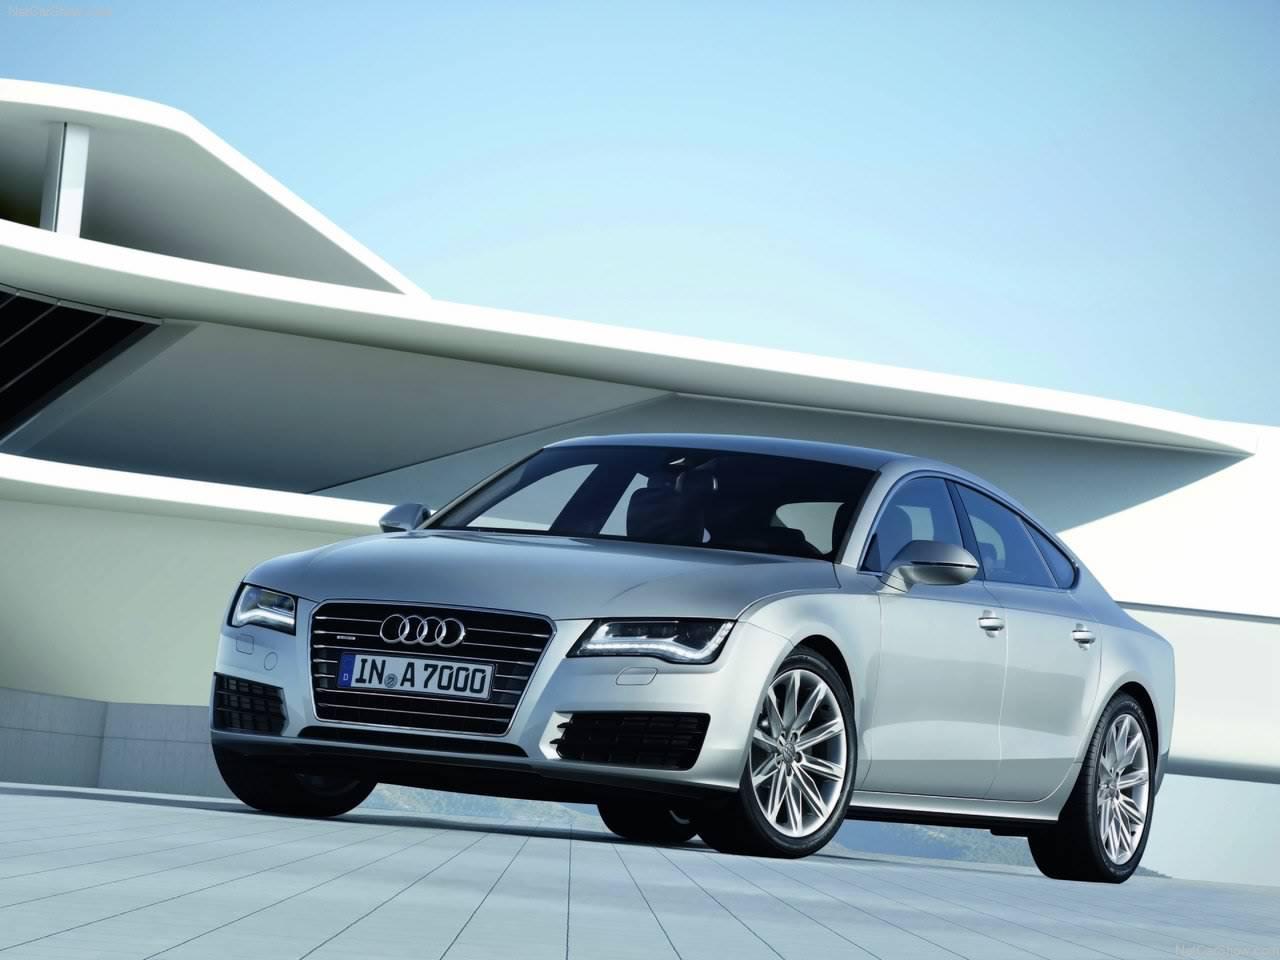 http://2.bp.blogspot.com/_lsyt_wQ2awY/TE39sbN1VBI/AAAAAAAB_Pc/Q-Kx4gTJfxI/s1600/Audi-A7_Sportback_2011_1280x960_wallpaper_04.jpg